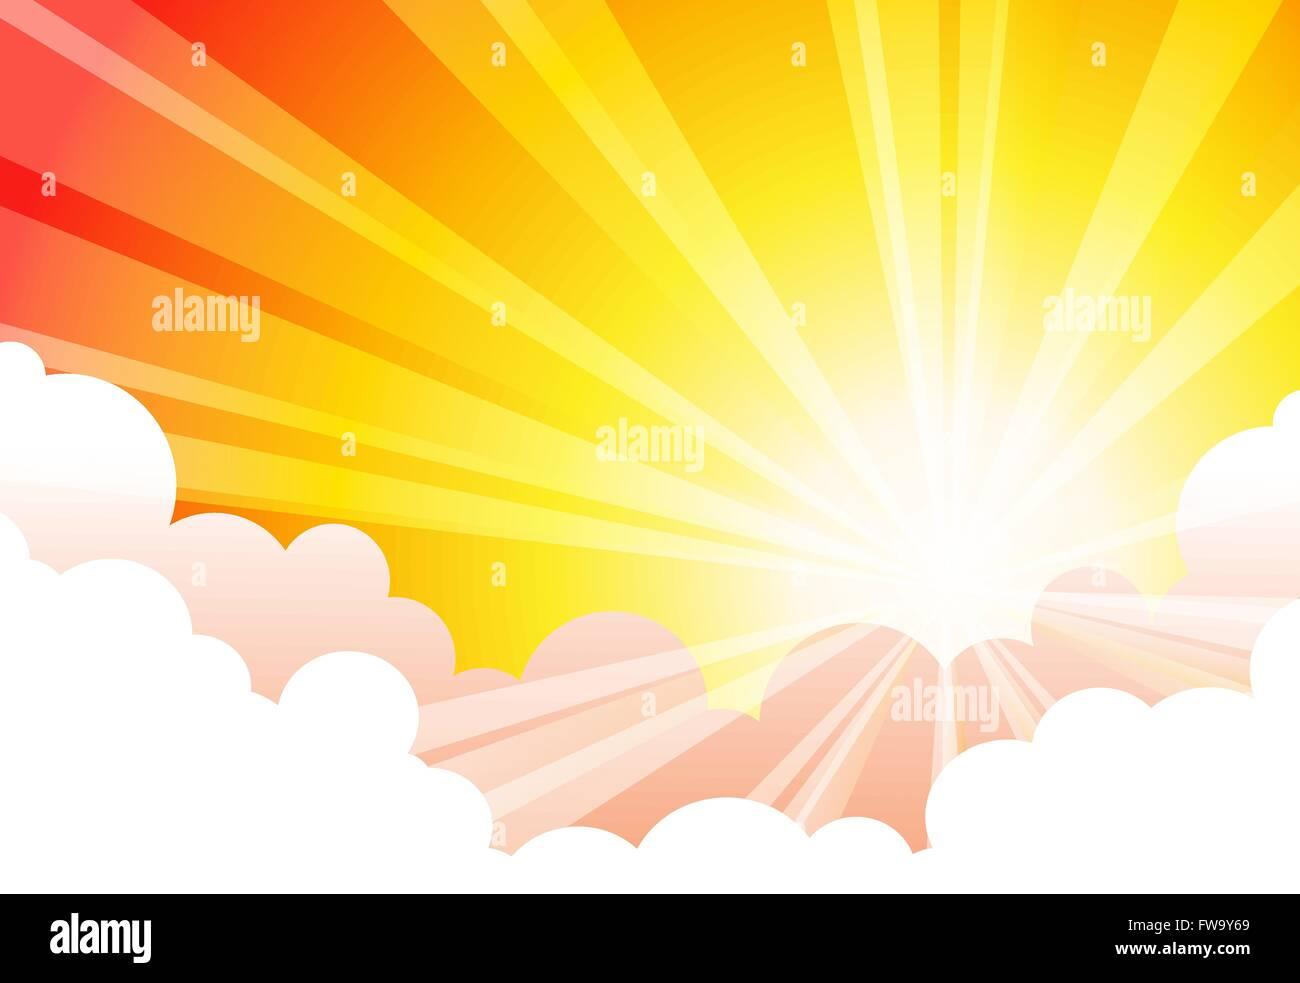 Himmel Sonne Cloud Vektoren Stockbild